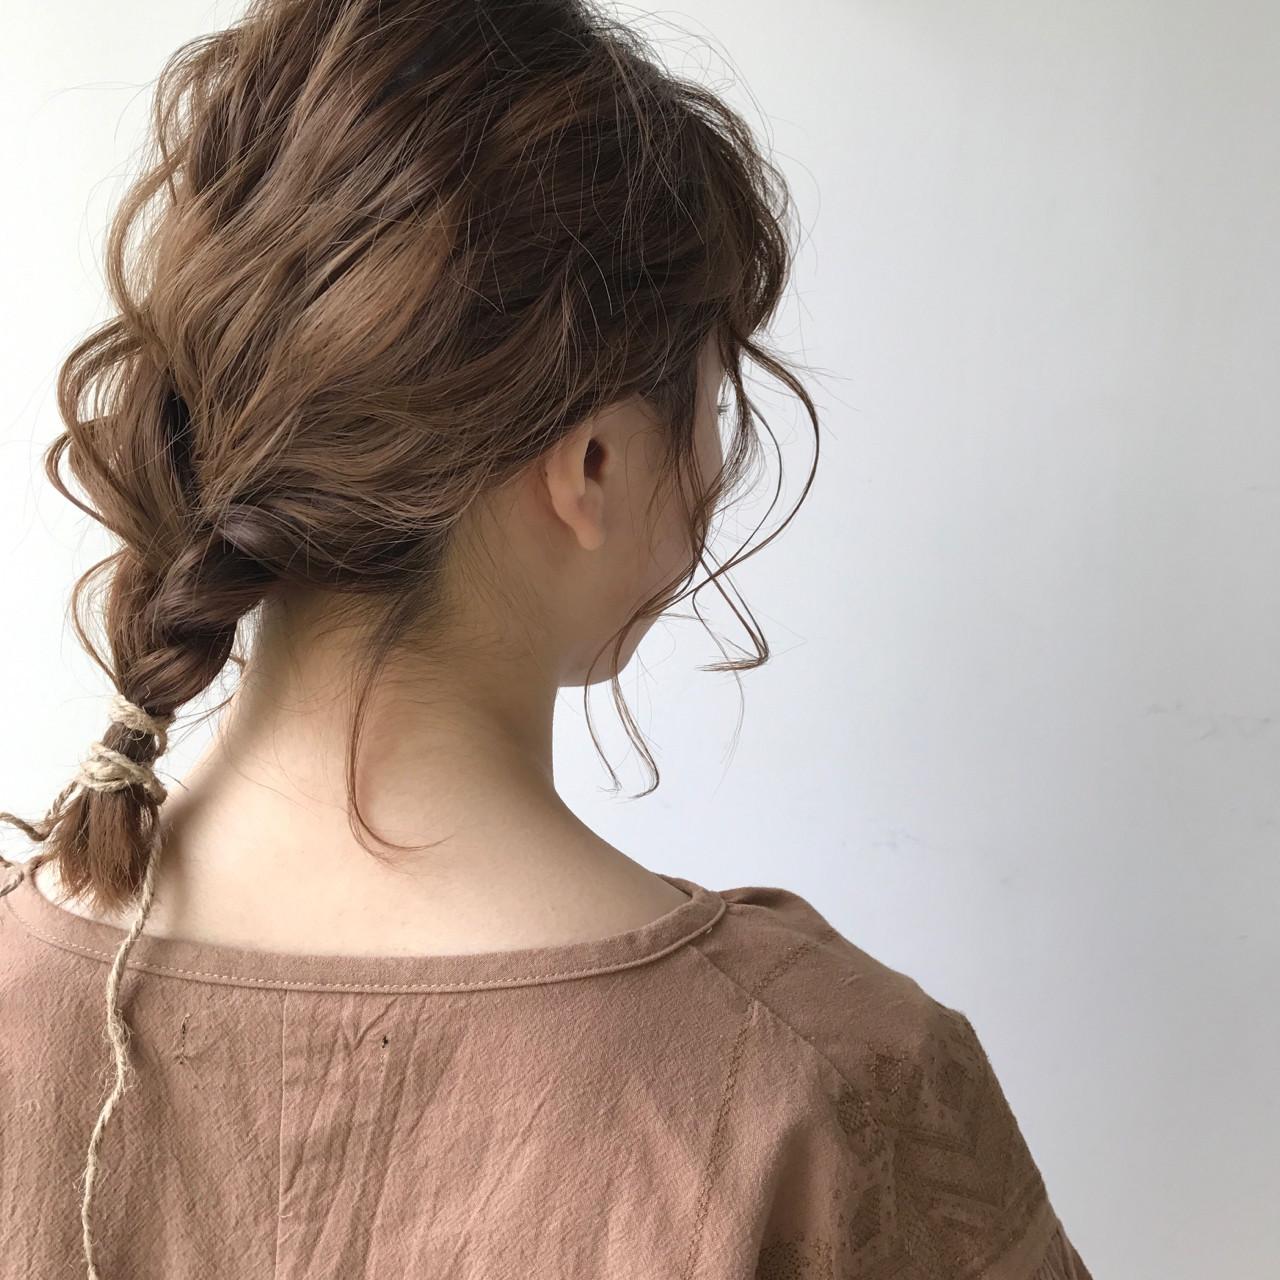 ハーフアップ フリンジバング ショート 簡単ヘアアレンジ ヘアスタイルや髪型の写真・画像